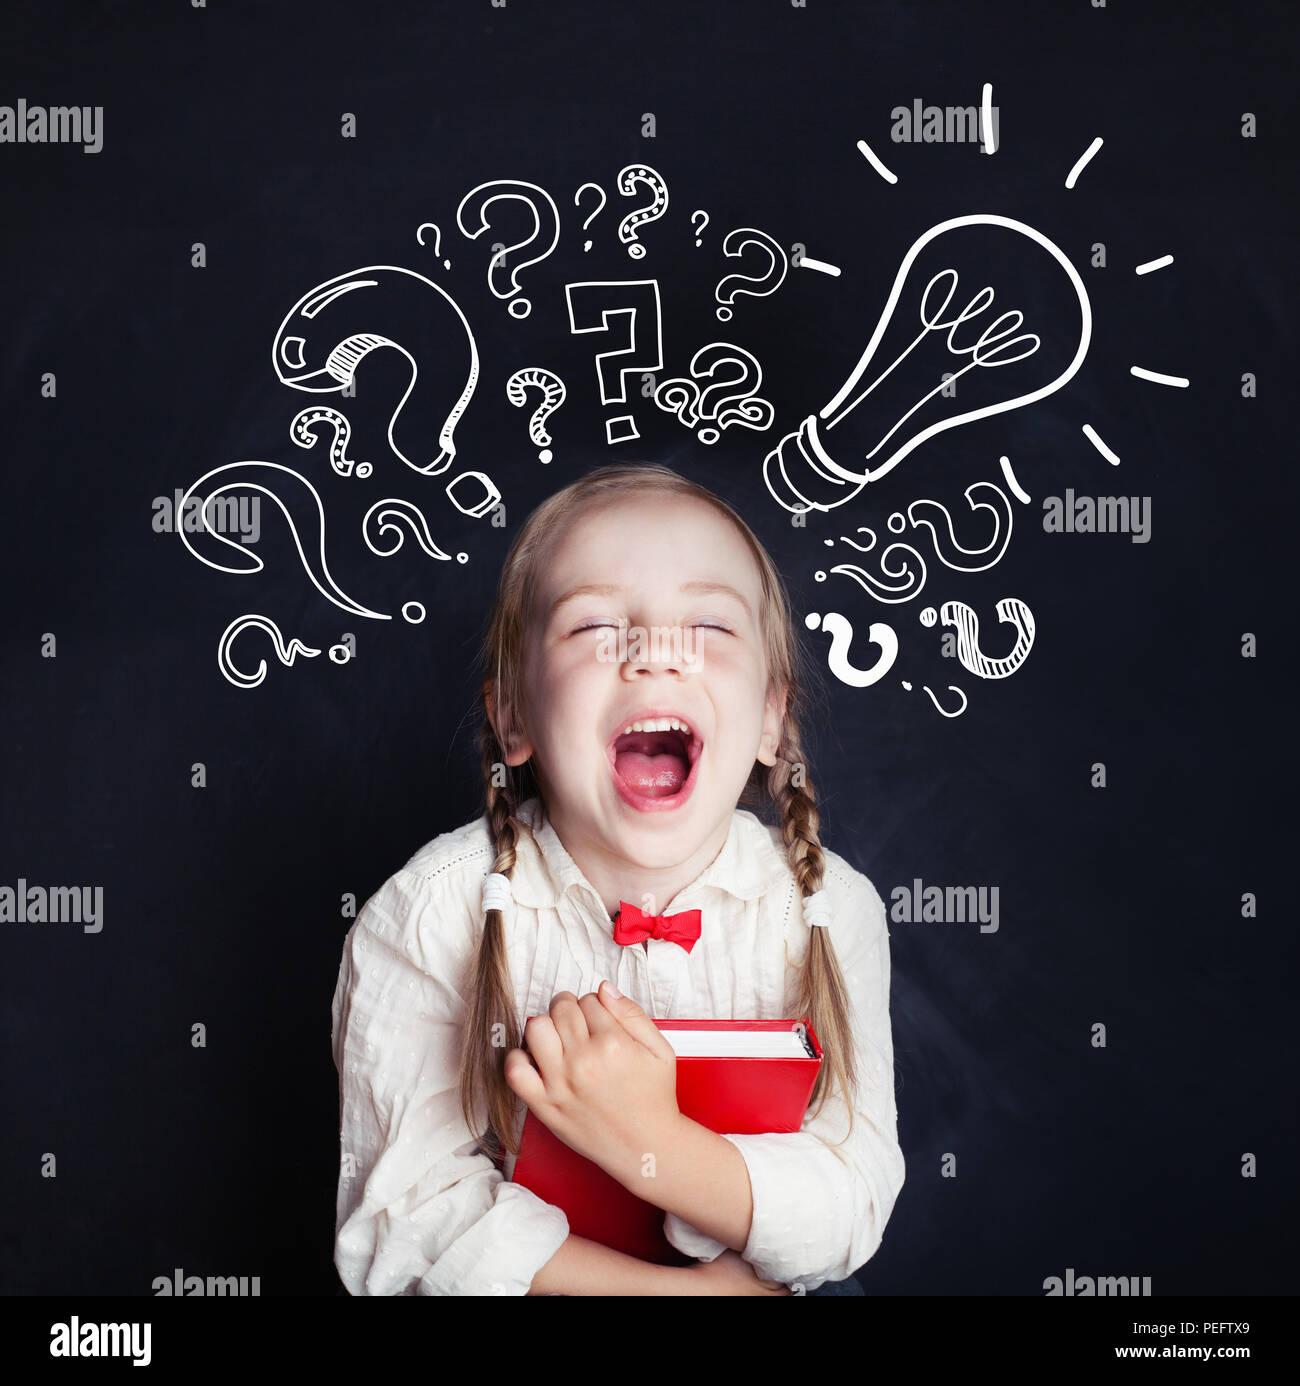 Kleines genie Portrait. Kinder Bildung und Ideen Konzept. Kleines Mädchen mit Glühbirne und Fragezeichen Stockbild